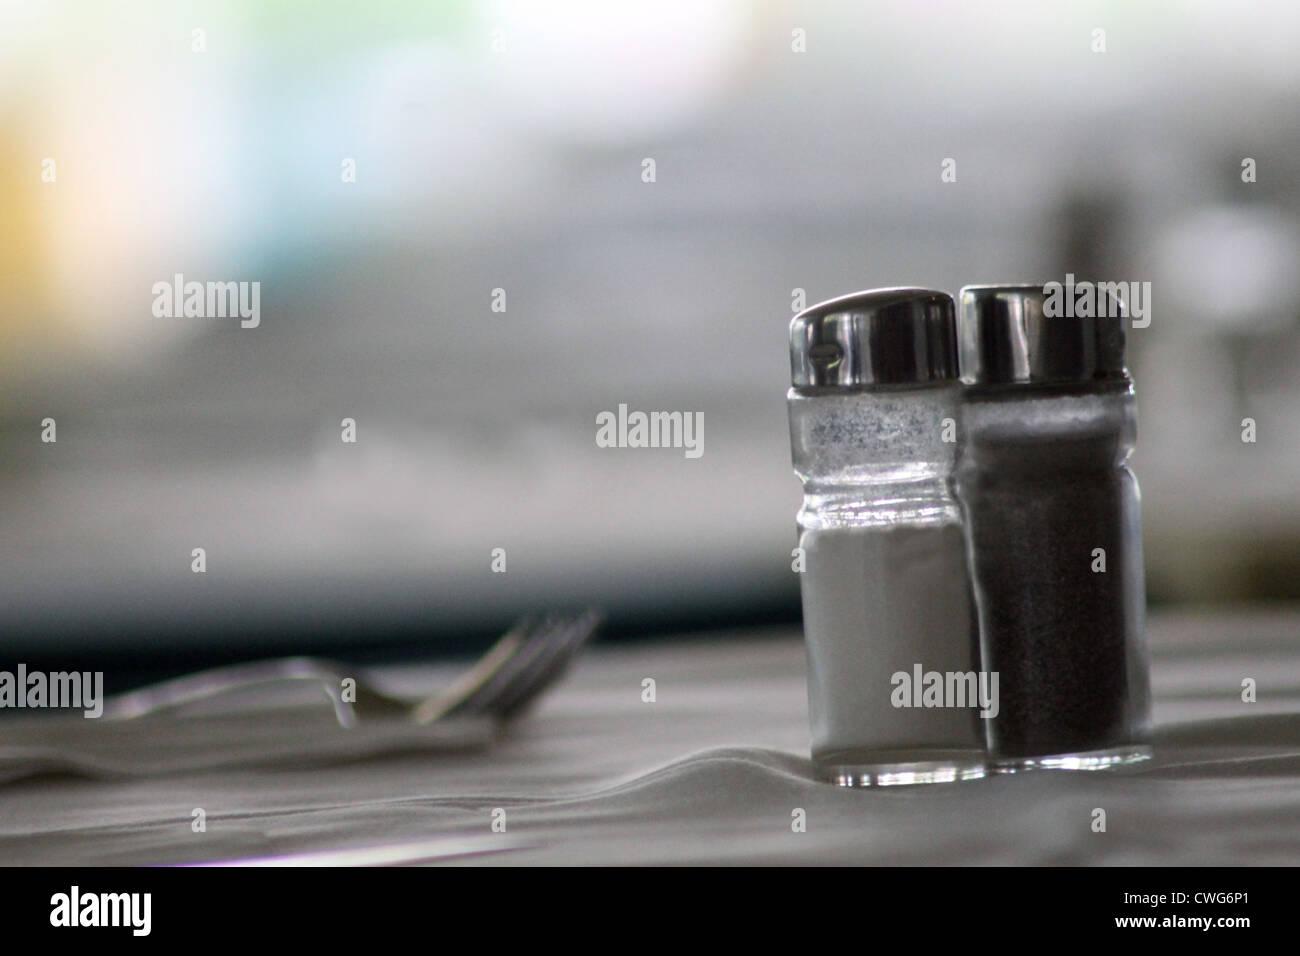 Salero y pimentero de mesa con horquilla y copie el espacio, concepto de comida y bebida. Imagen De Stock